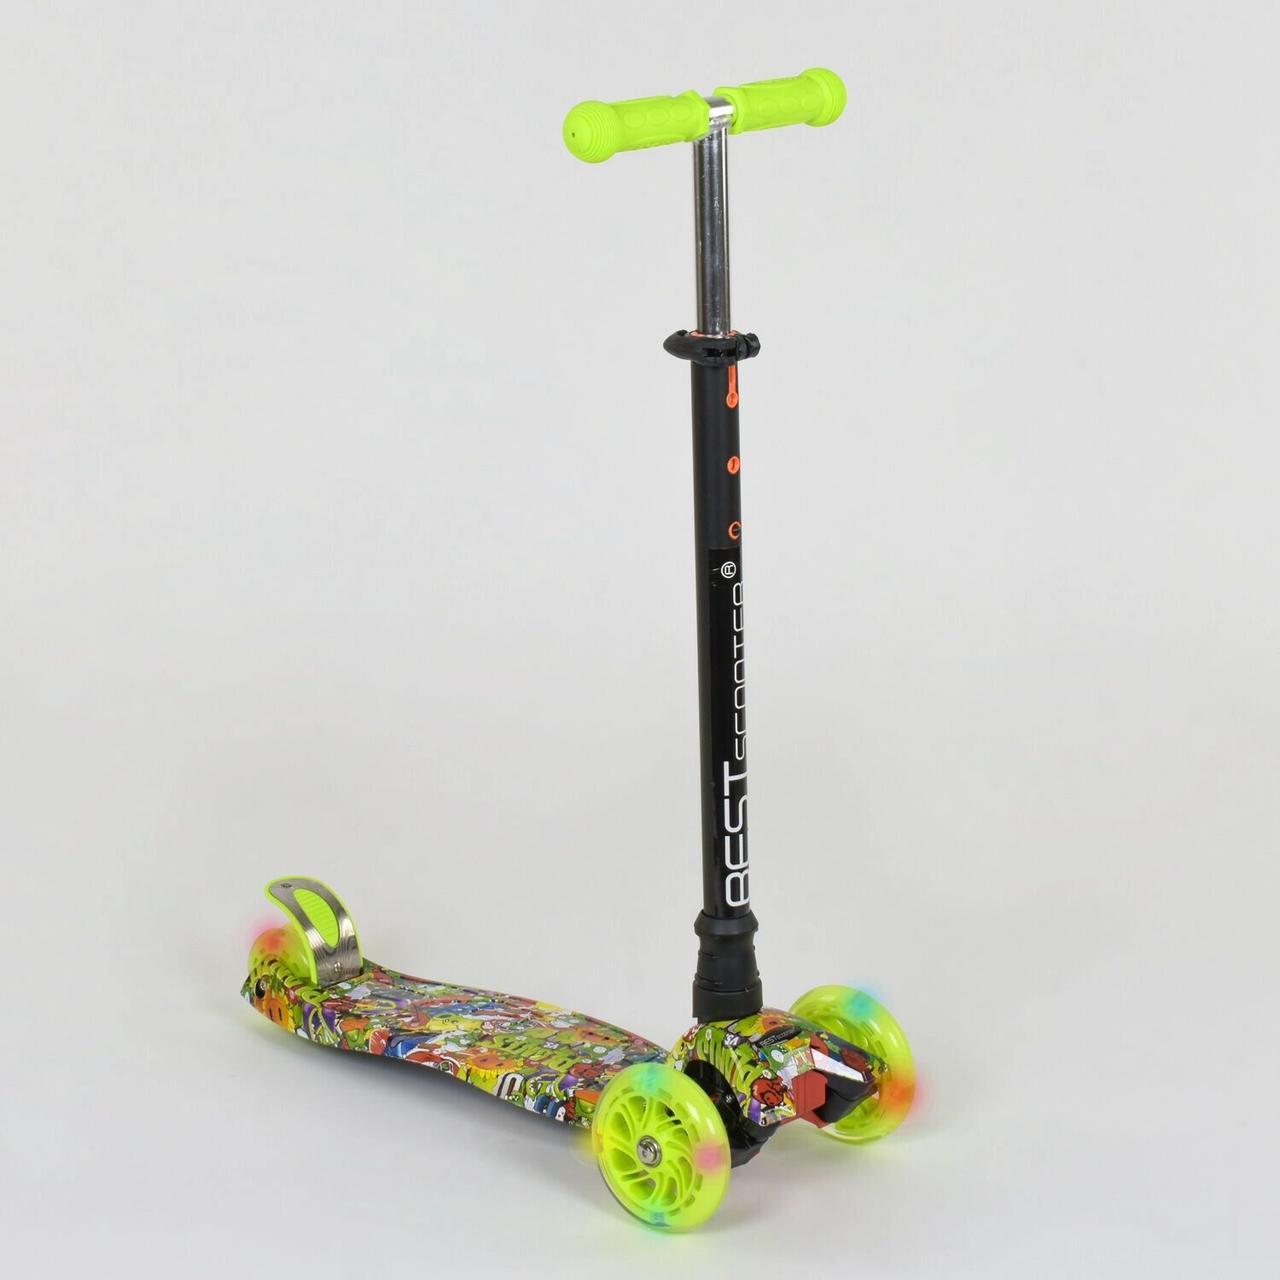 Самокат триколісний для дітей від 3 років Best Scooter Maxi А 25534 / 779-1332 з підсвічуванням коліс,